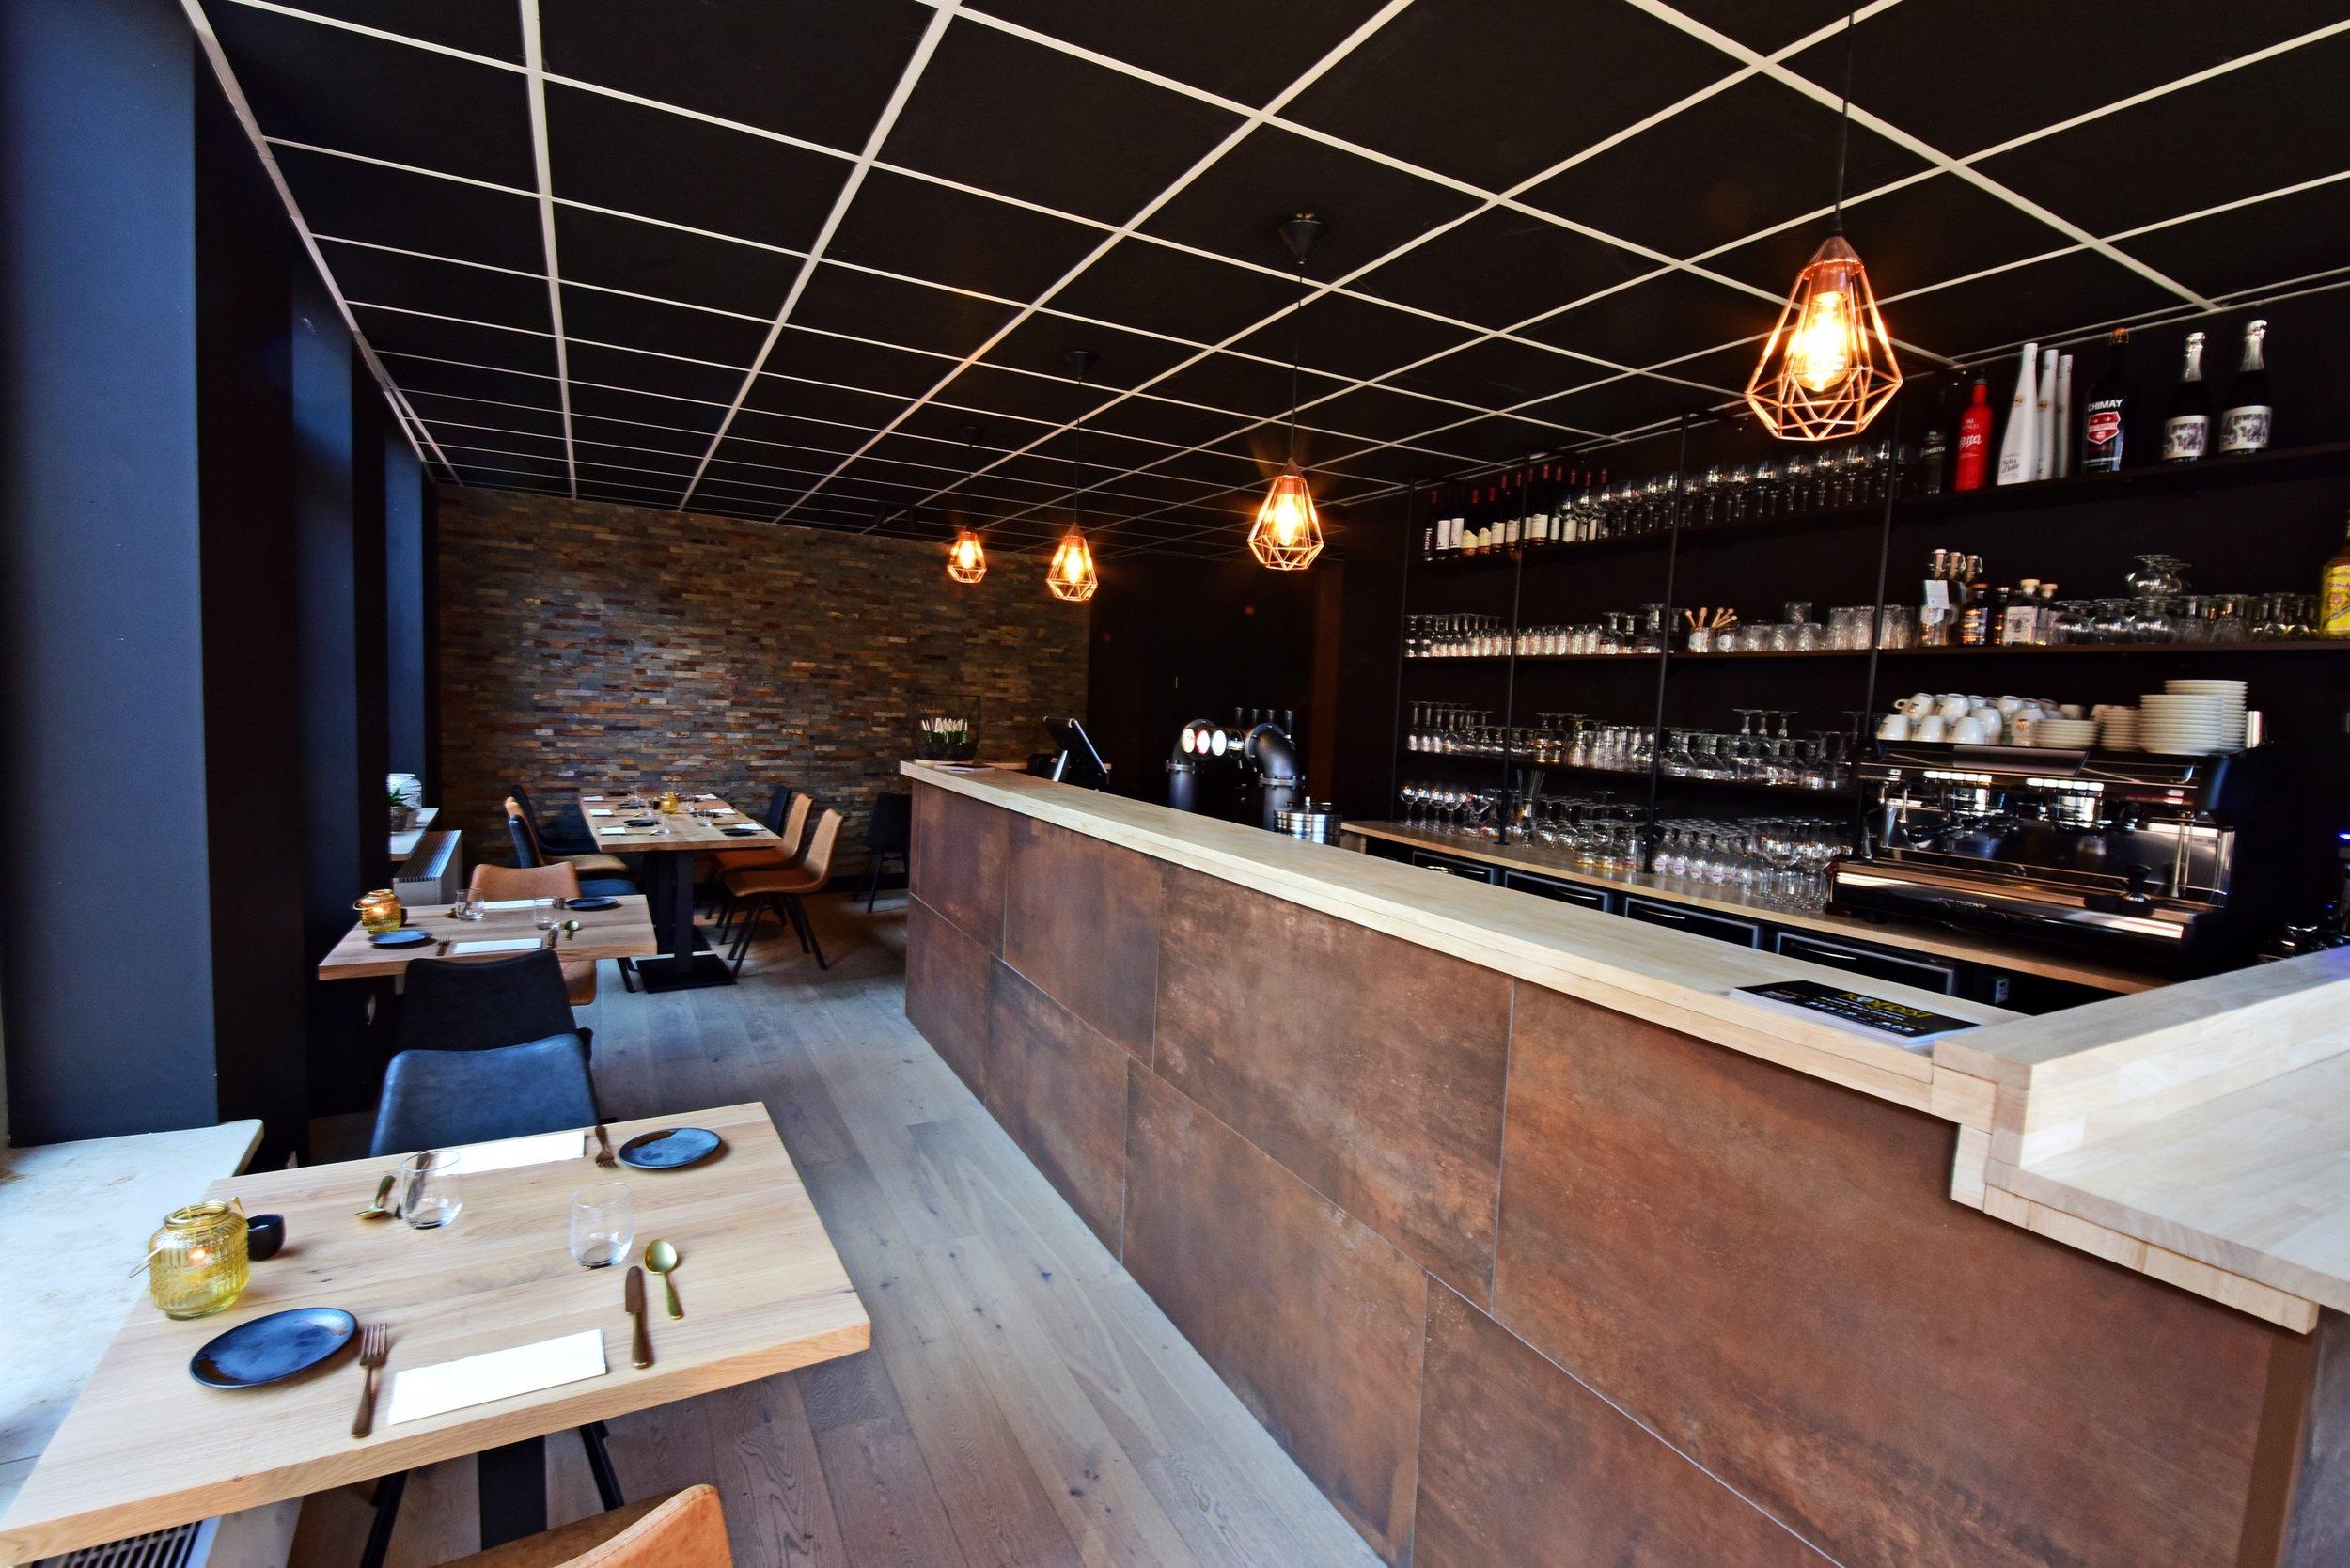 15 toerist brasserie restaurant zottegem tablefever bart albrecht.jpg